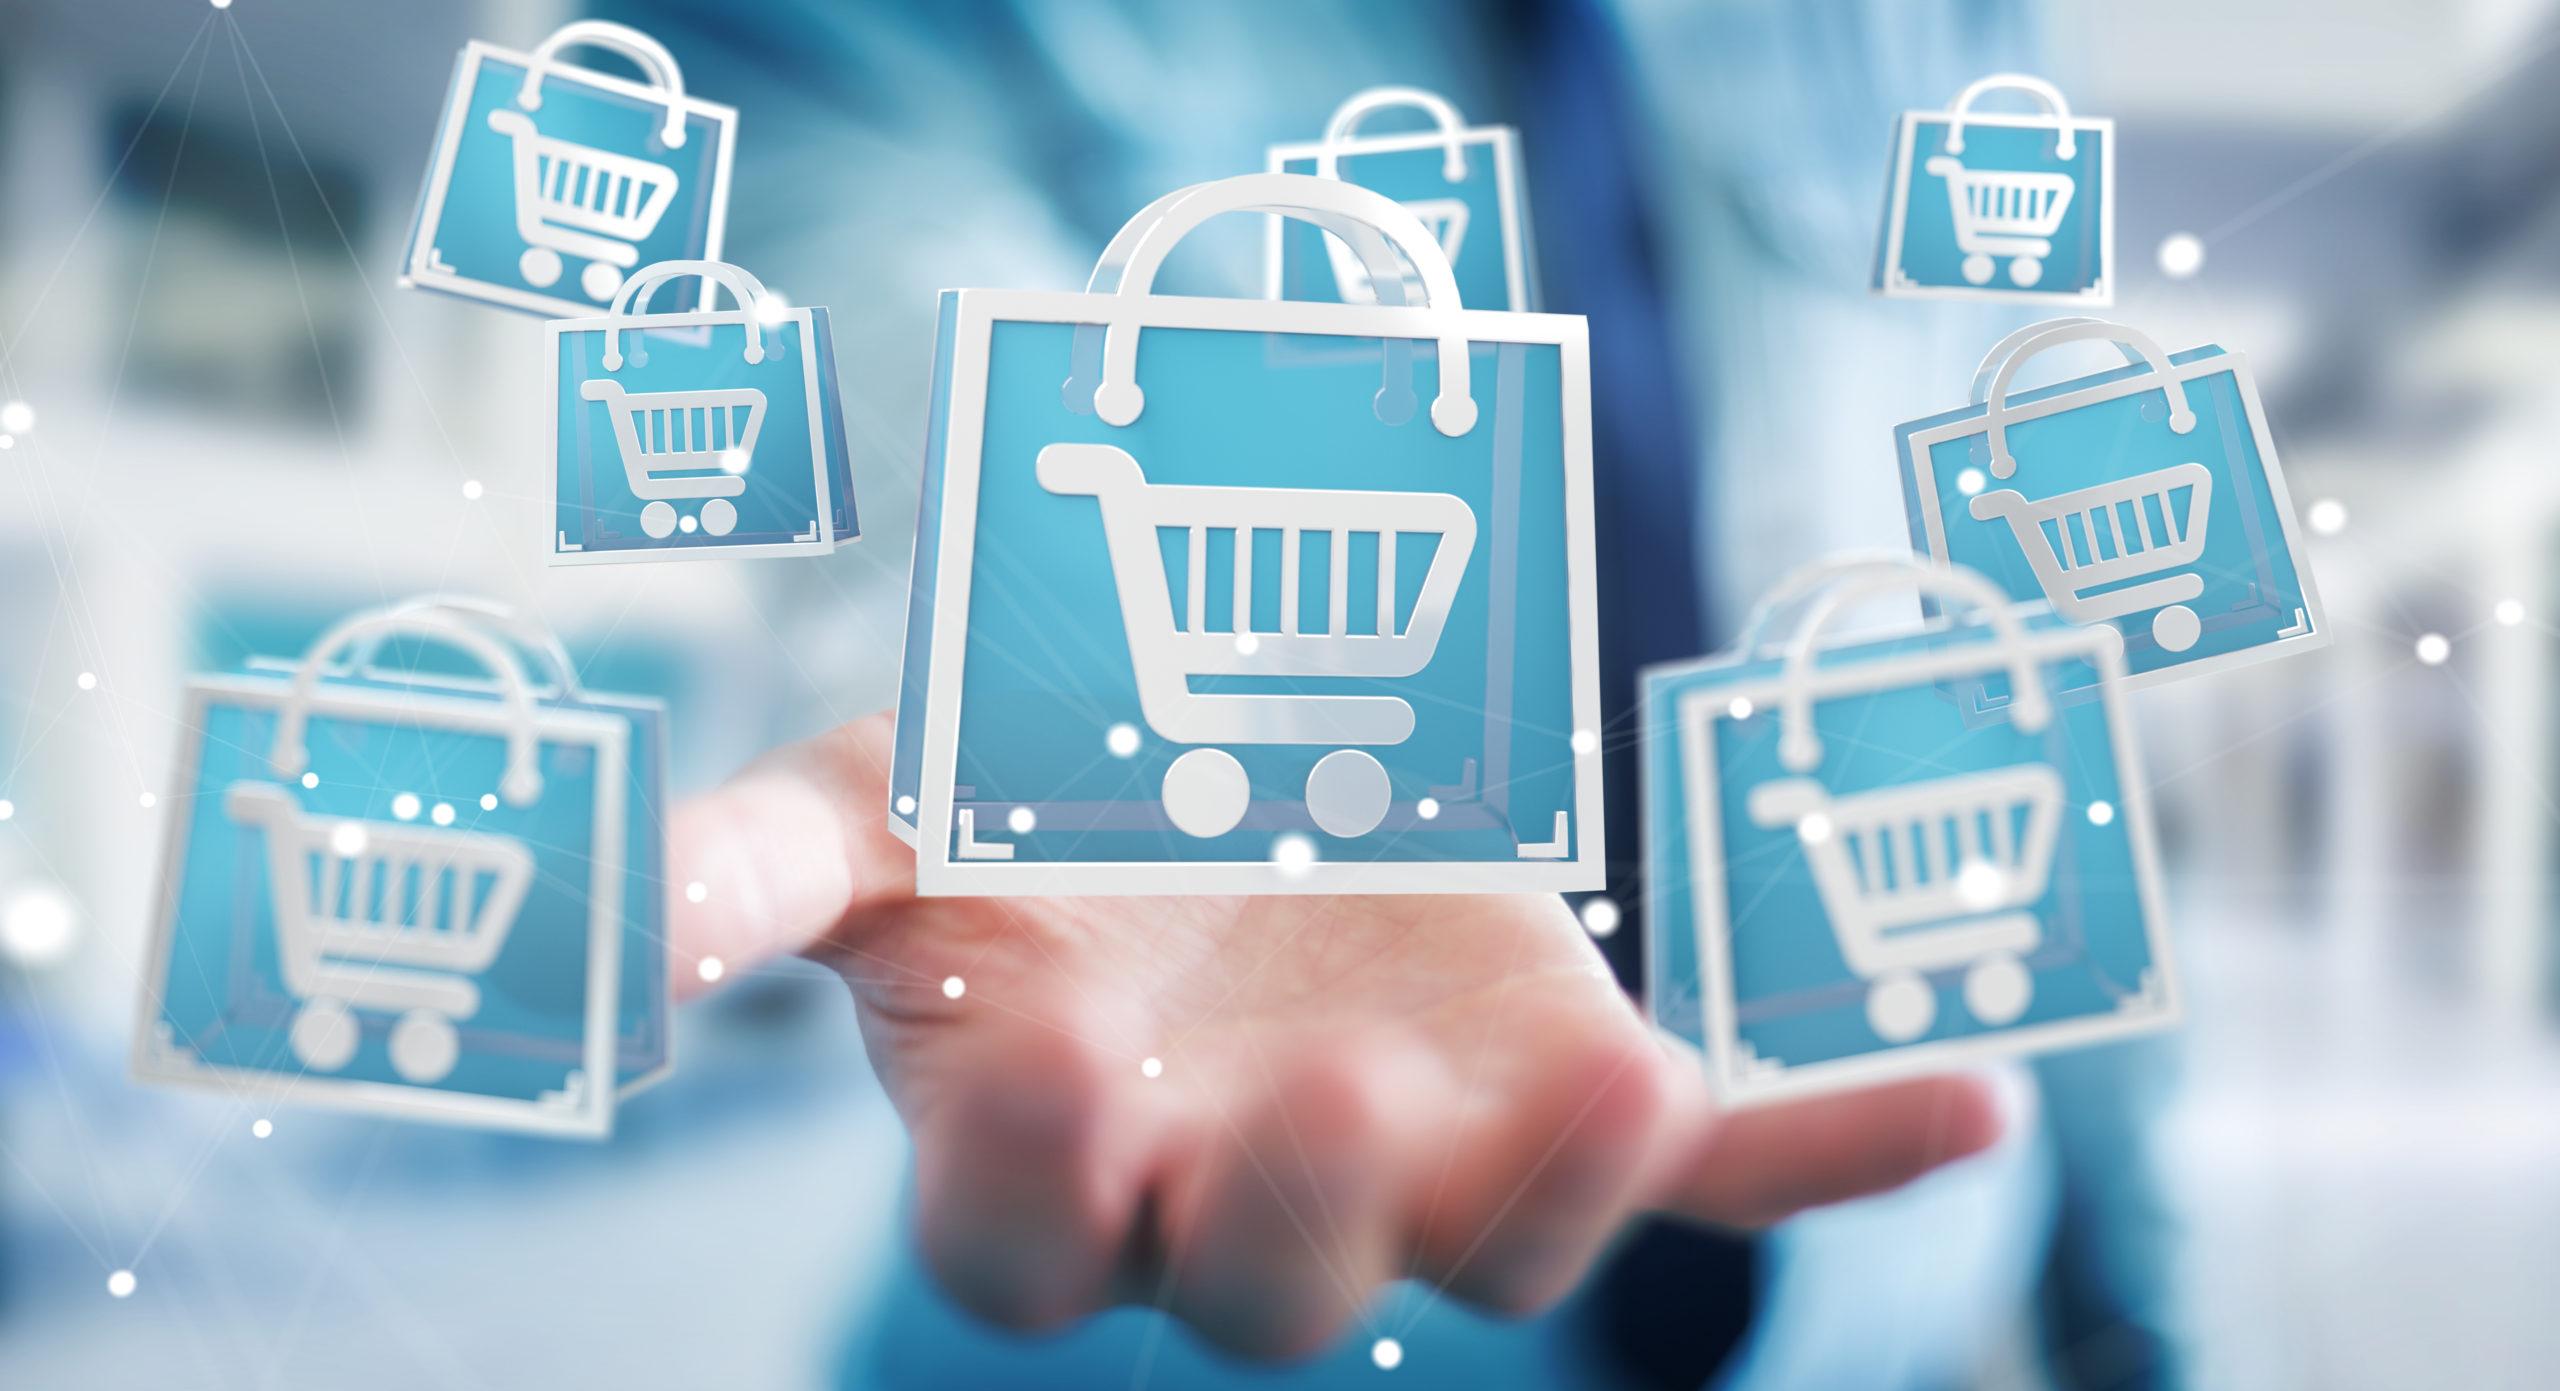 Braun & Klein, Online-Shop